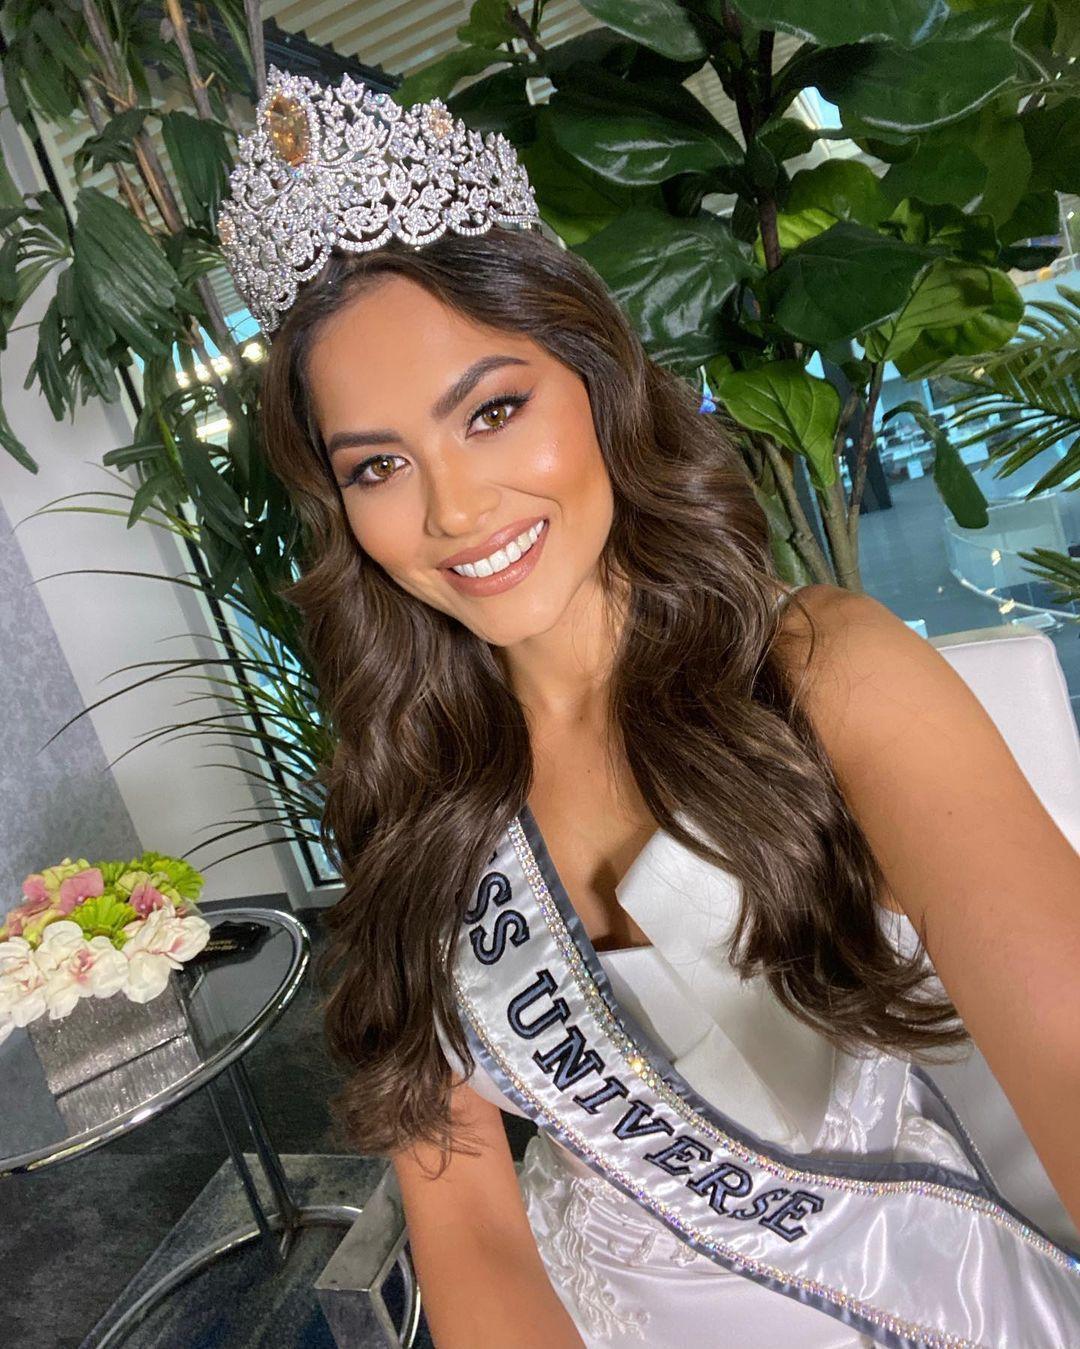 Đổi từ váy trắng sang váy đen, tân Hoa hậu Hoàn vũ Andrea Meza vẫn lộ vòng 2 kém thon gọn Ảnh 5